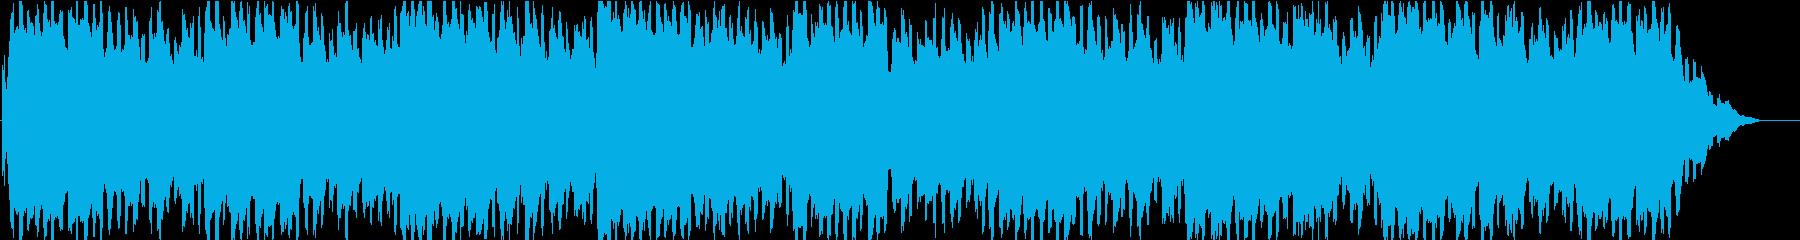 ホラー用の曲の再生済みの波形